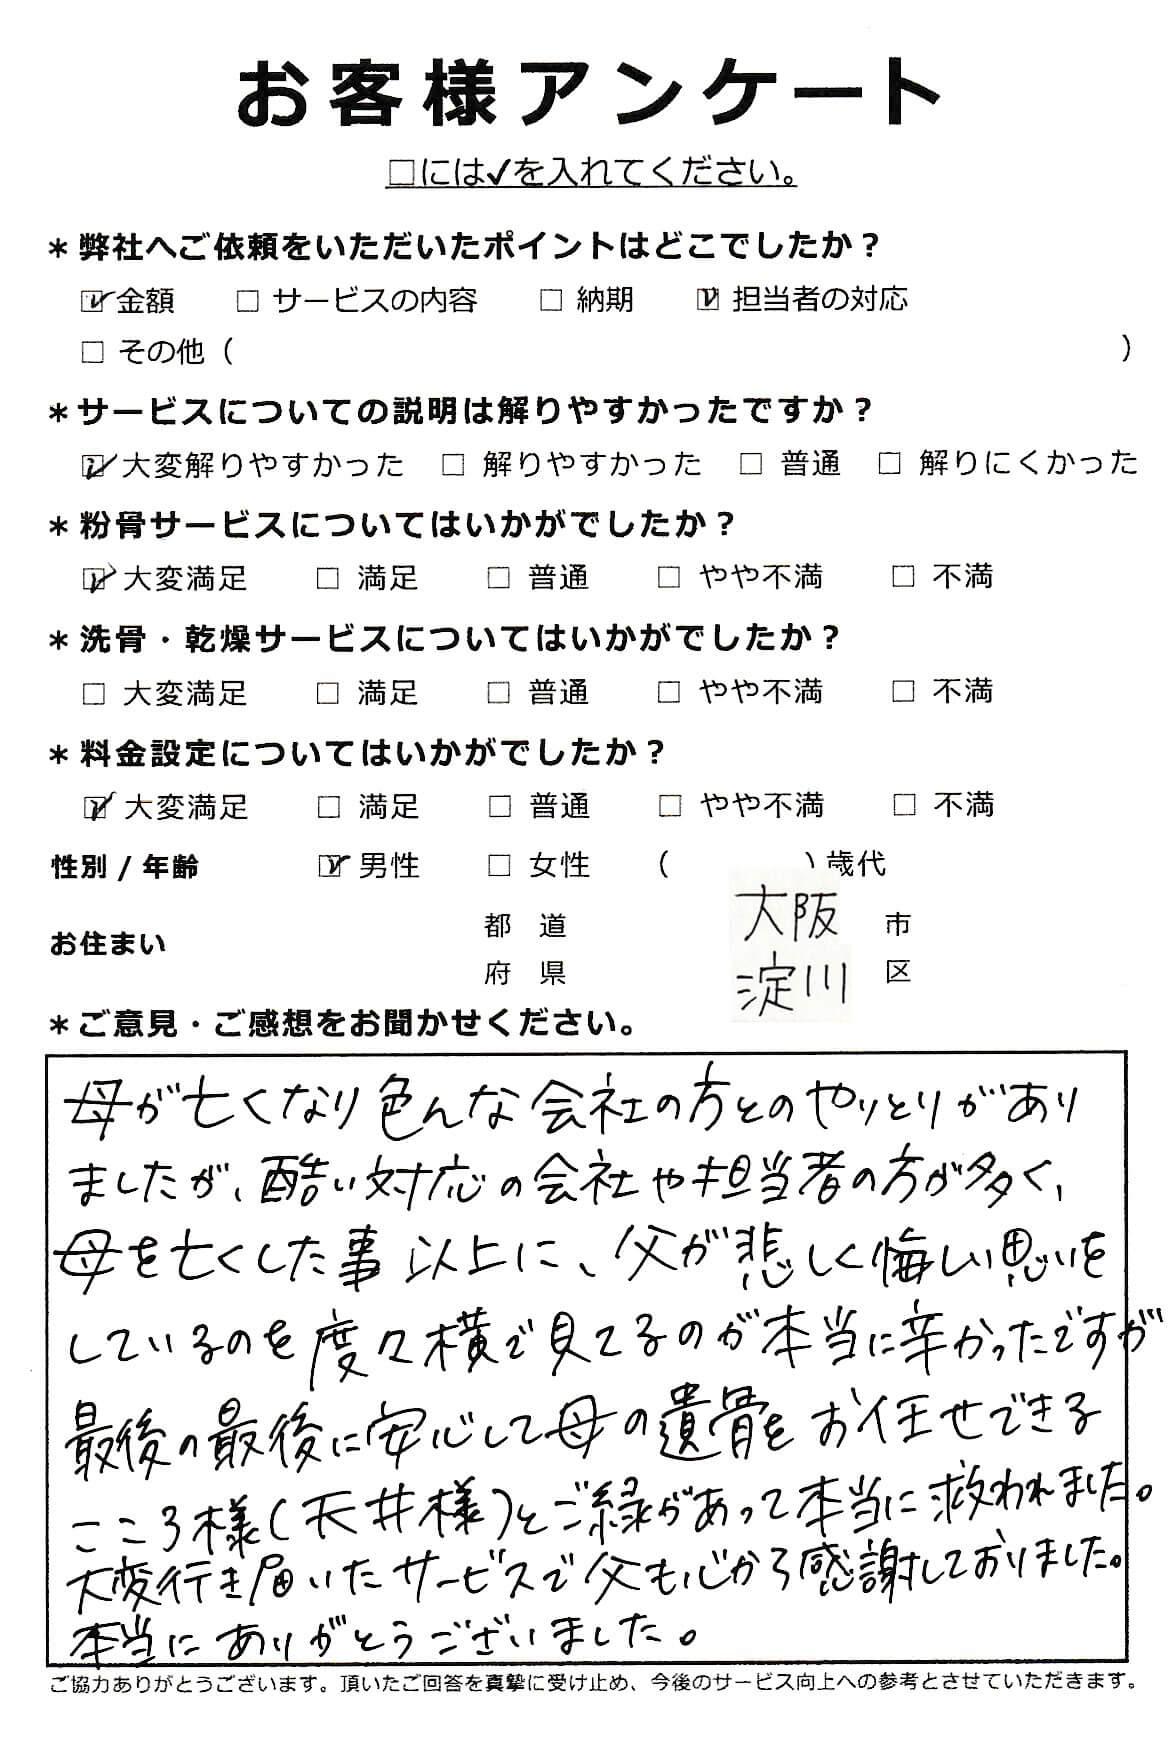 大阪市淀川区での粉骨・散骨サービス